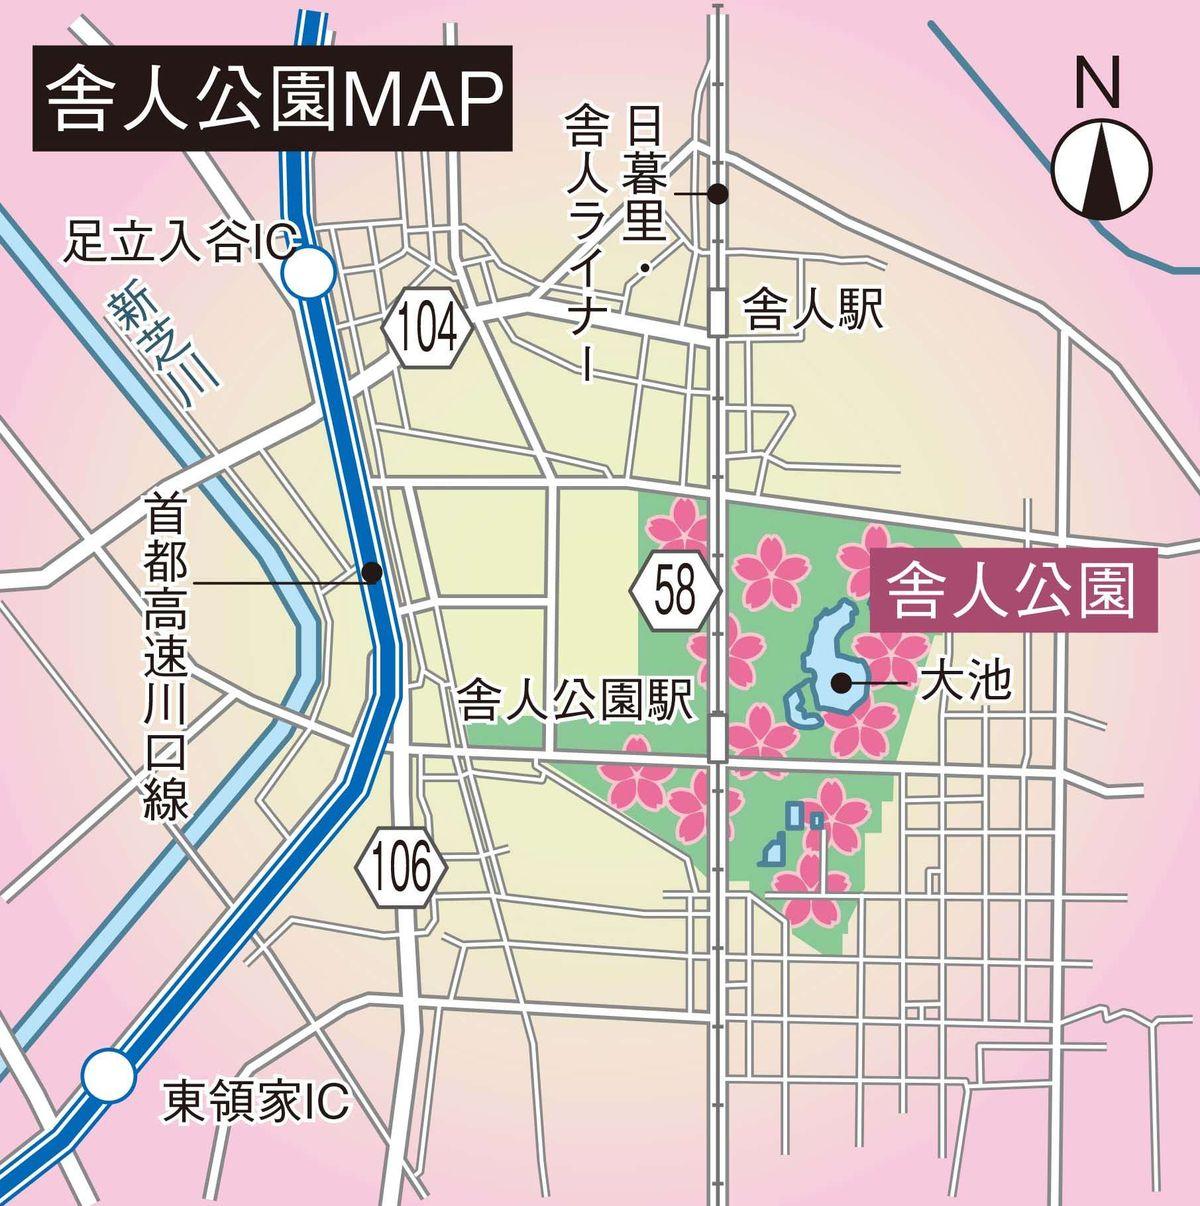 031-035ohanami_tsuriba_cs6 (4)